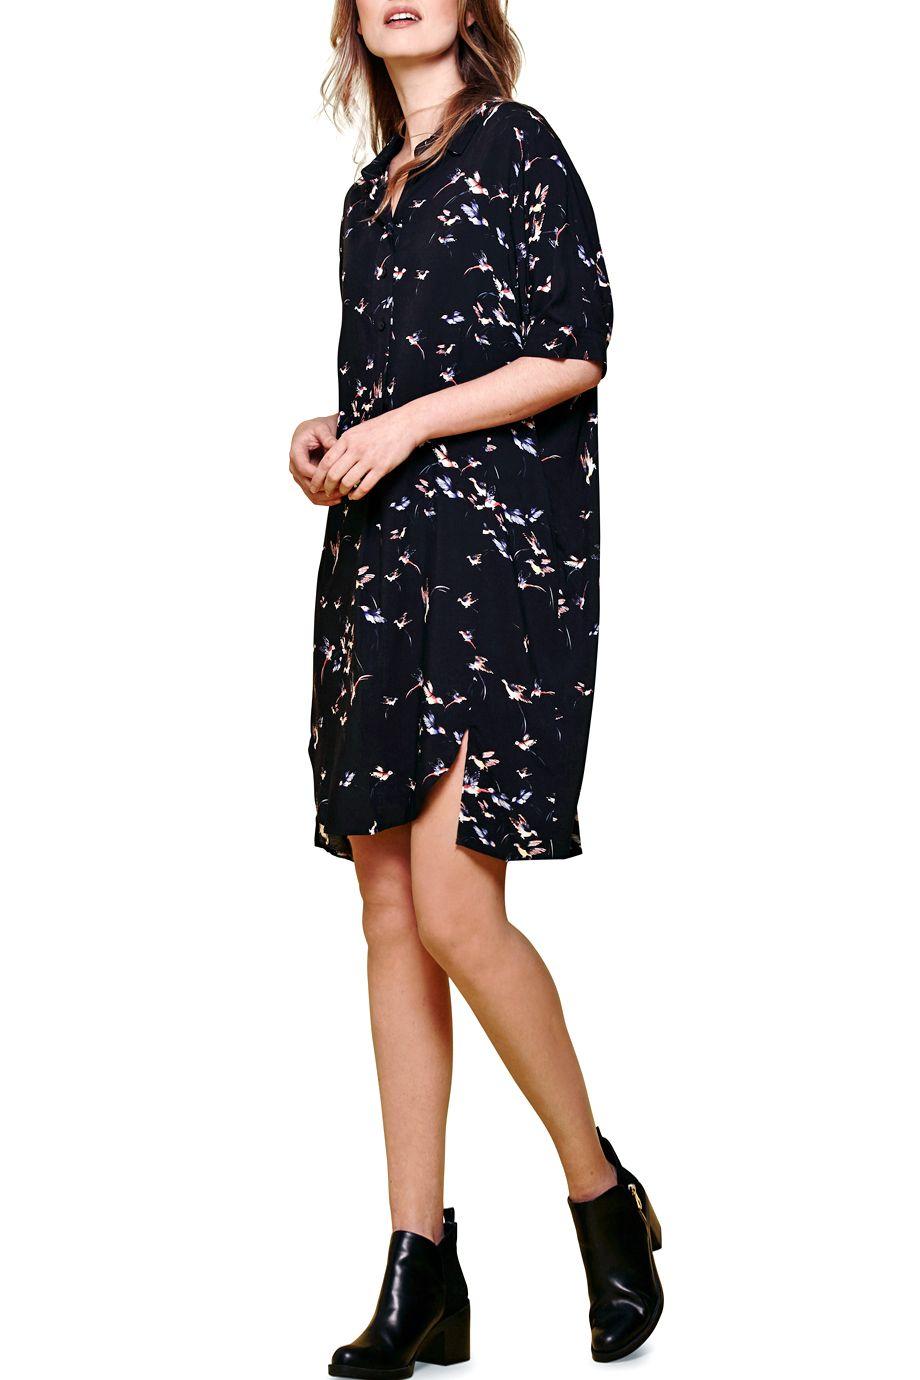 Σεμιζιε oversized φόρεμα με τυπωμα πουλακια σε χυτο 66e9b1618cb